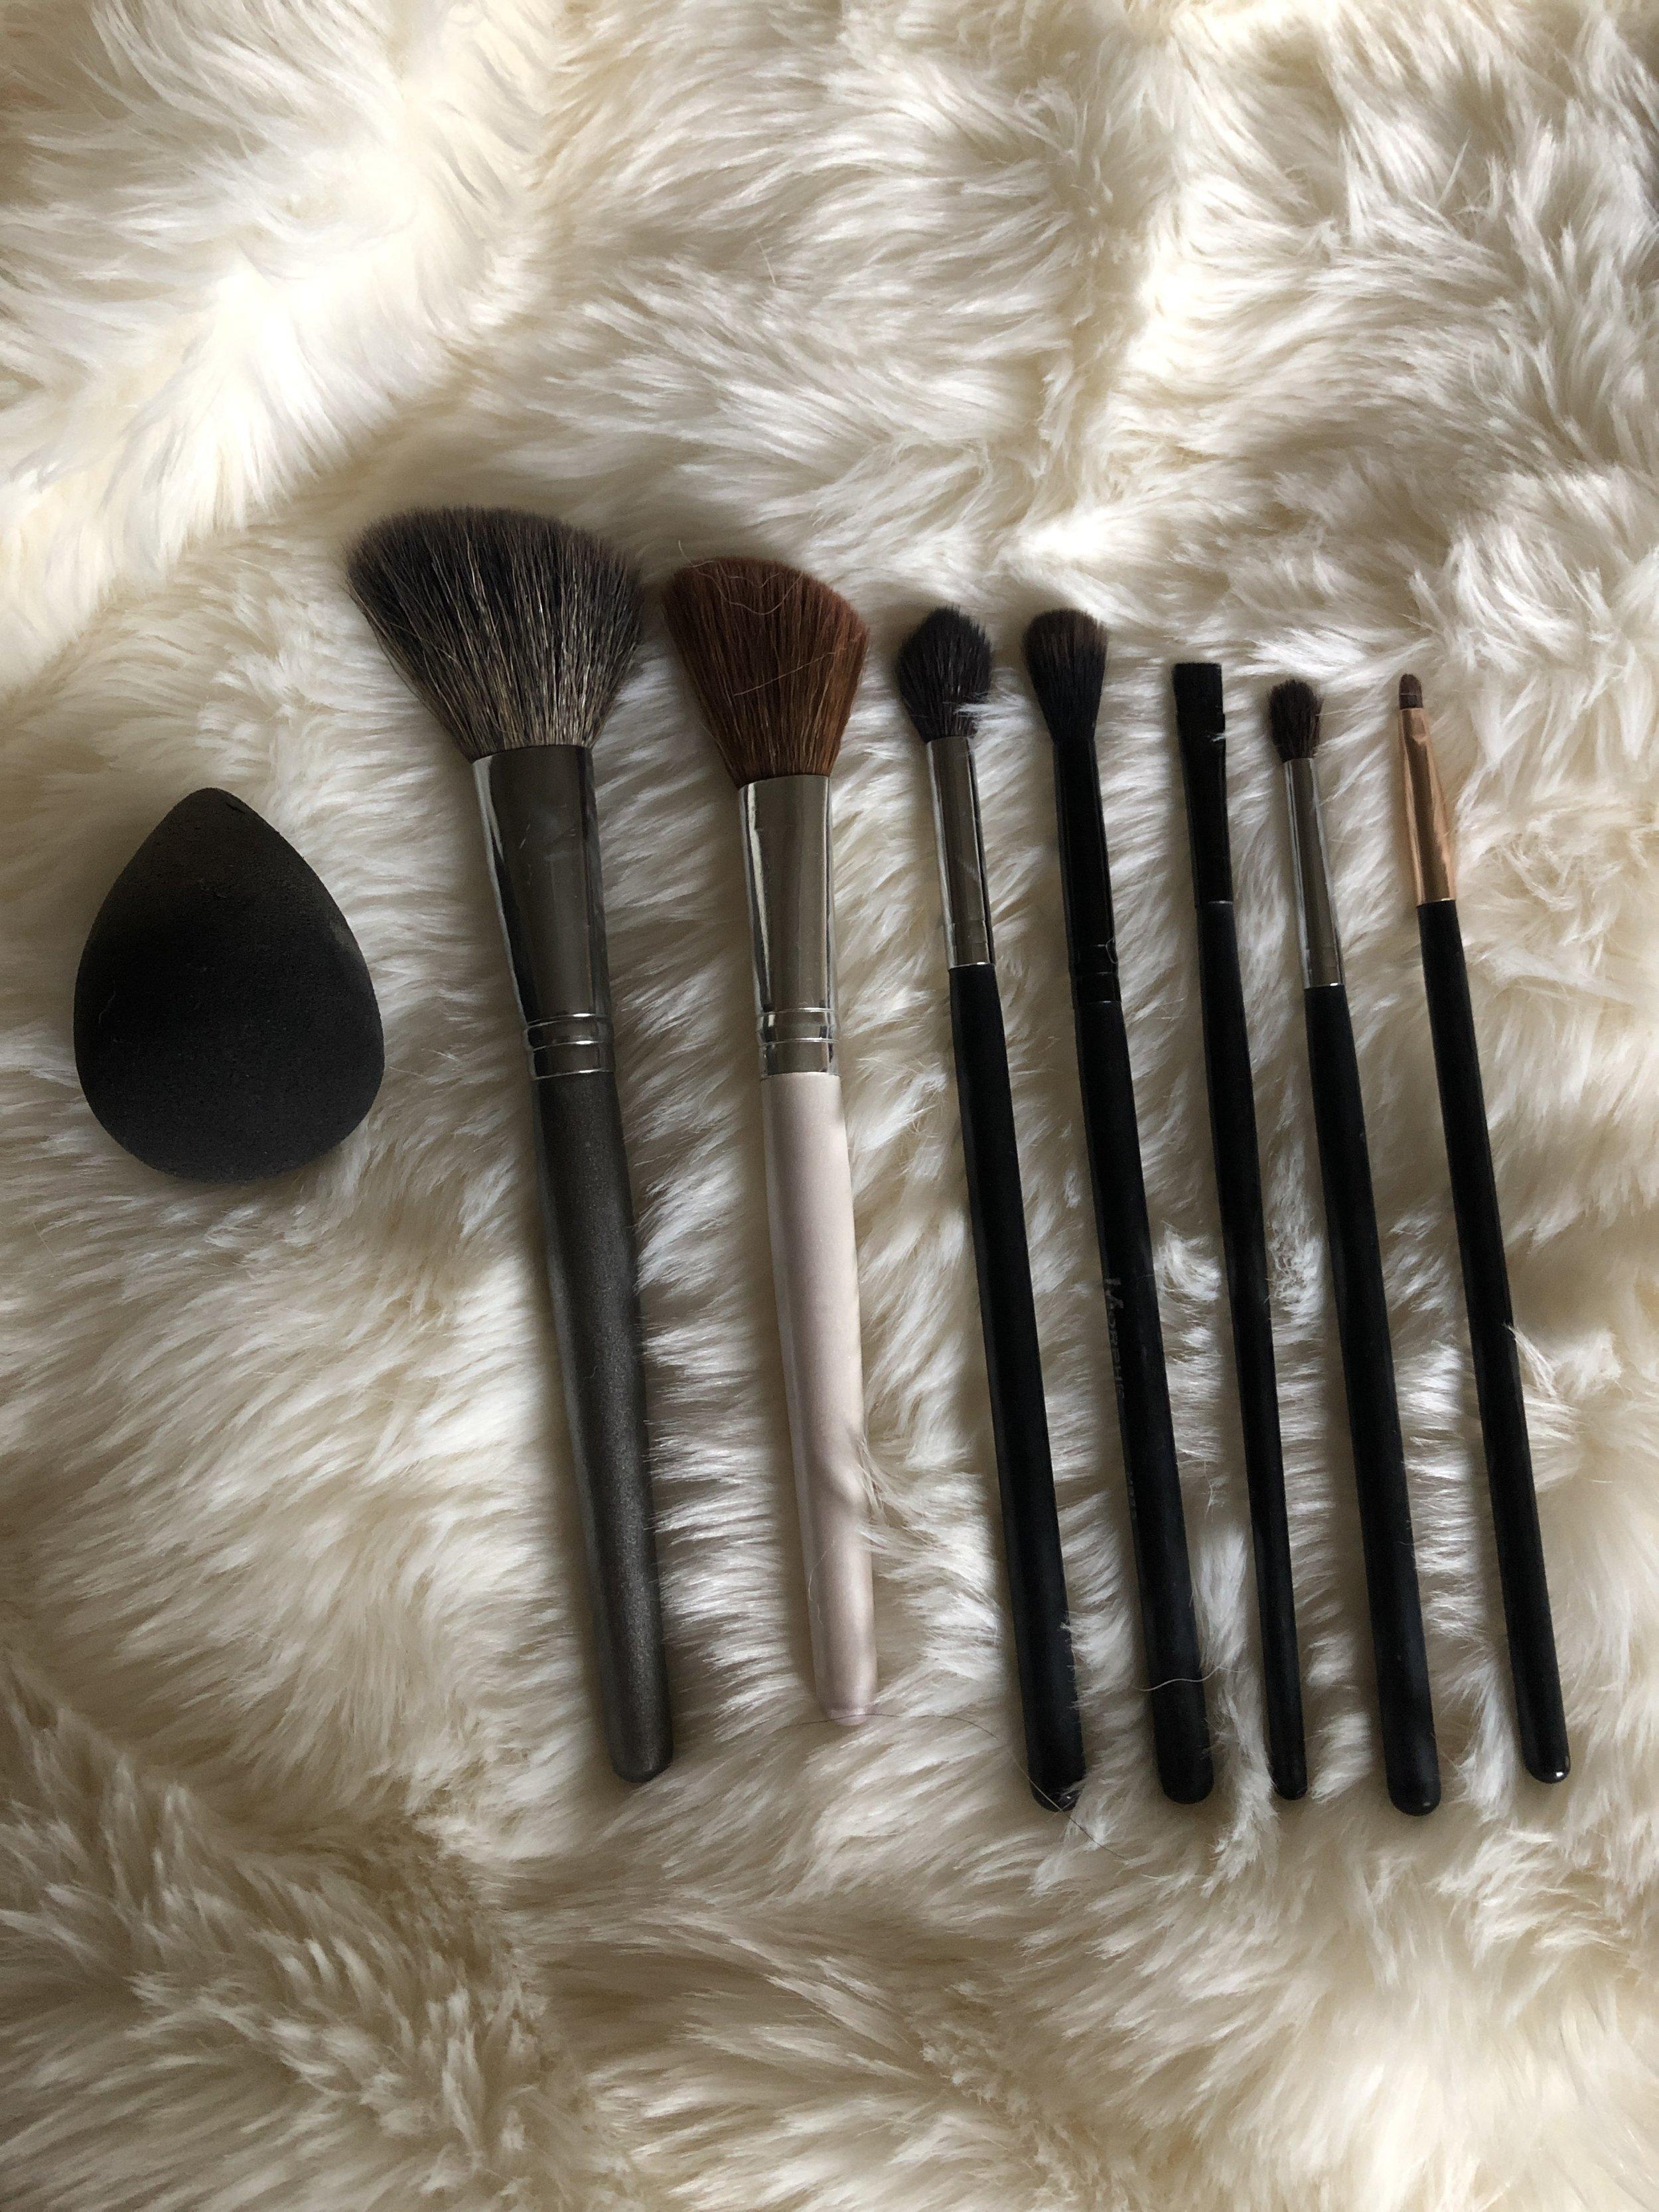 Left to right : beauty blender or sponge, FACE SECRETS angle brush, ELF bronzing brush, morphe m504, morphe mb23, ELF flat eyeliner brush, morphe m506,SKONE smudger brush